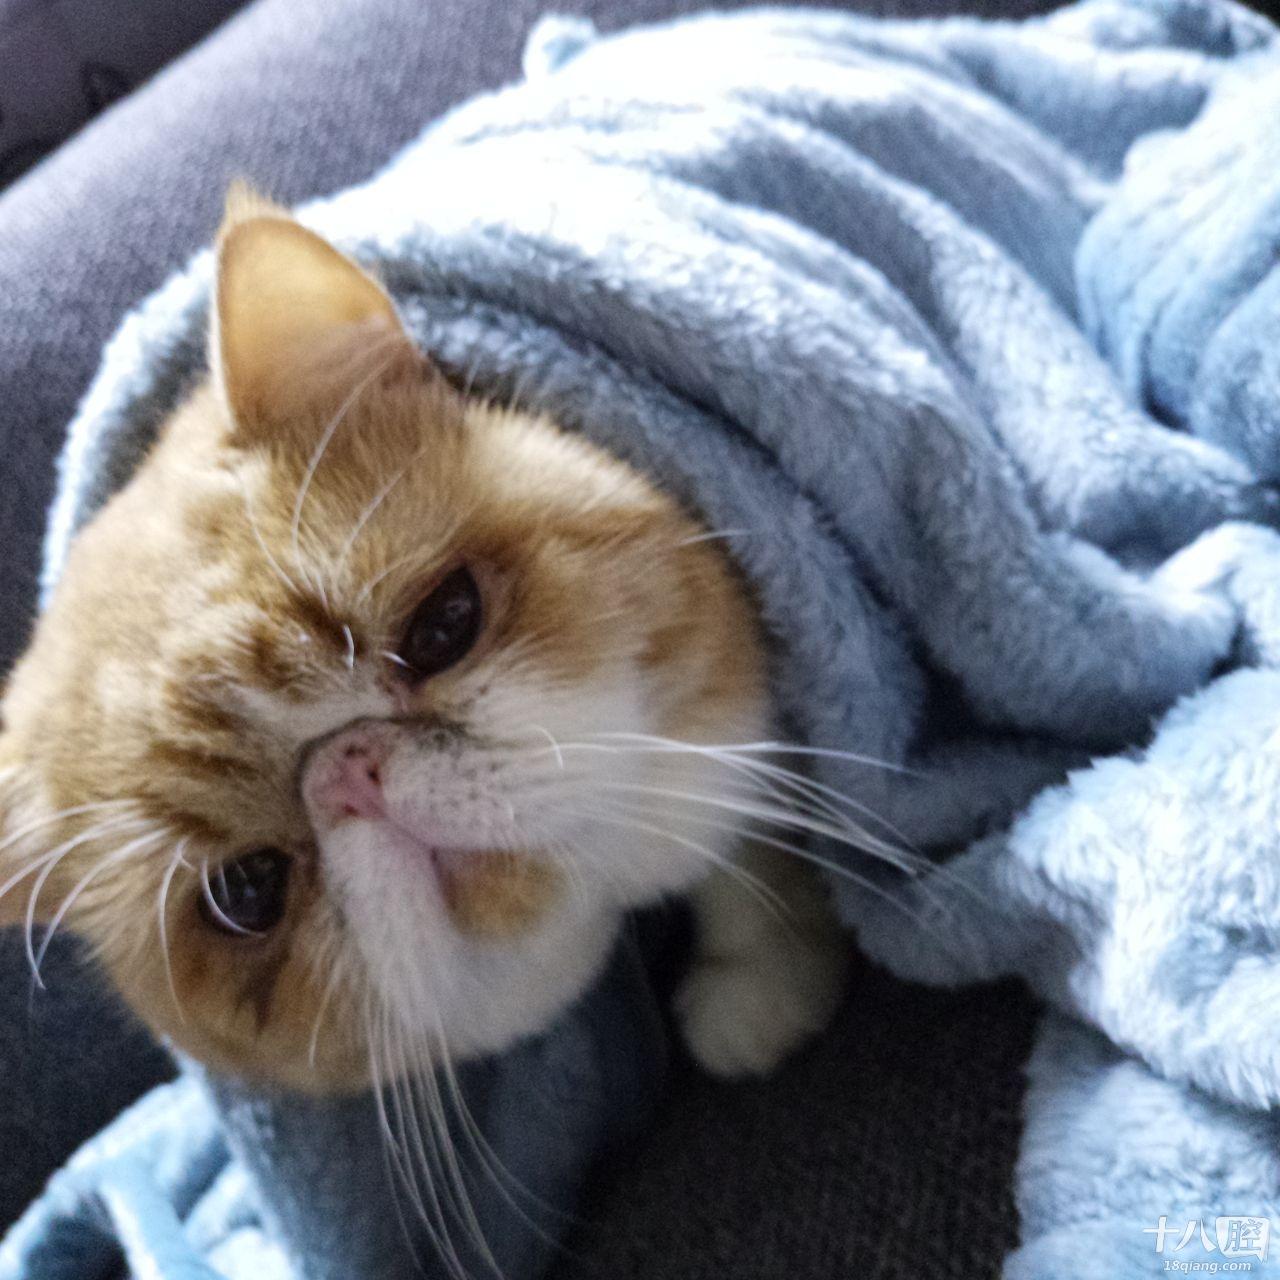 纯种加菲猫,一岁半,想在义乌找一个老婆,有的请请联系